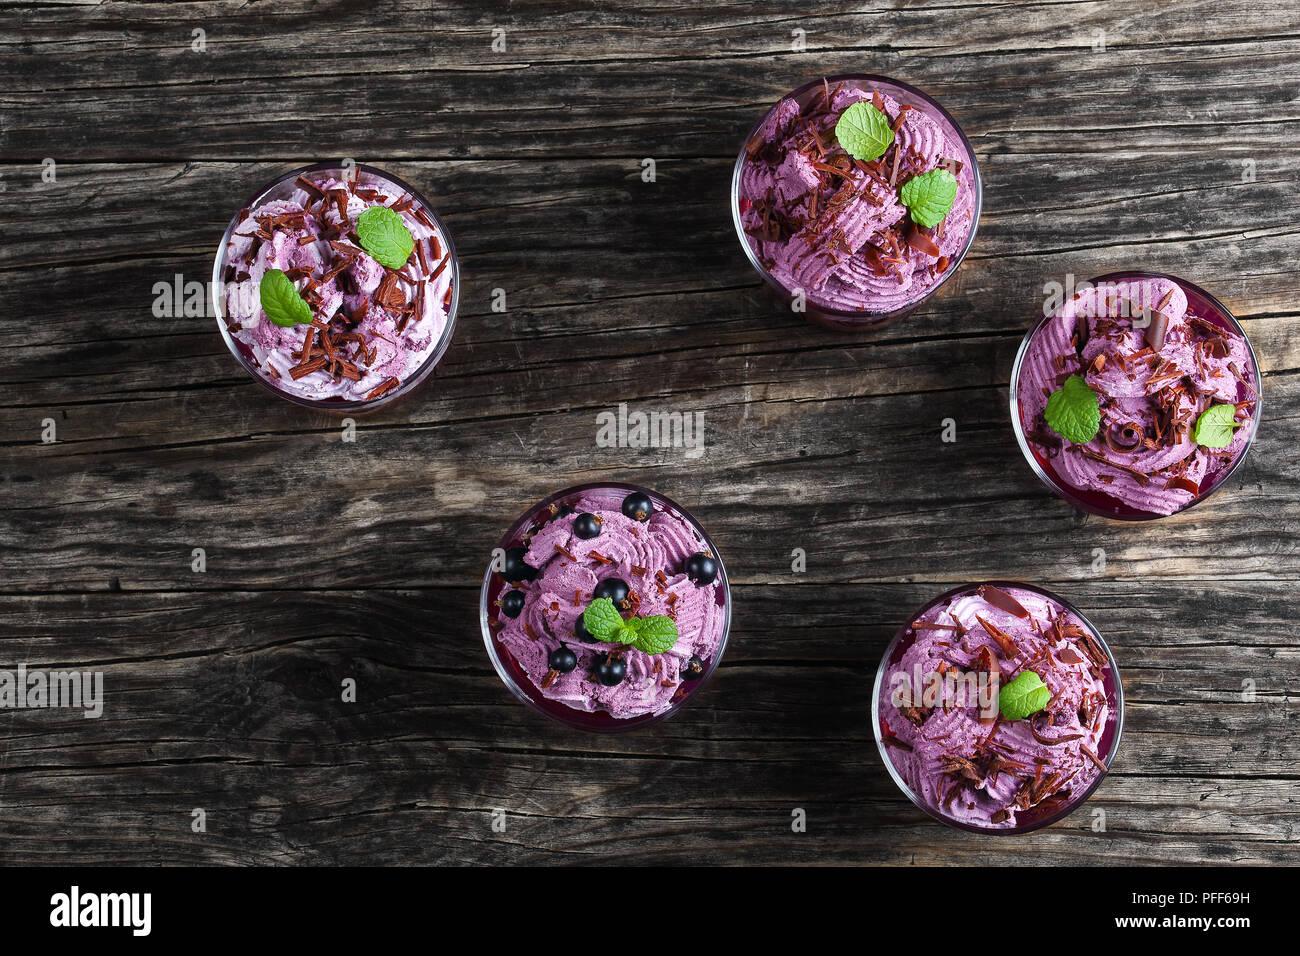 Postre de verano de grosella y congelados de ricotta Yogurtmousse espolvoreado con trocitos de chocolate picado finamente decorado con hojas de menta en tazas de vidrio Imagen De Stock